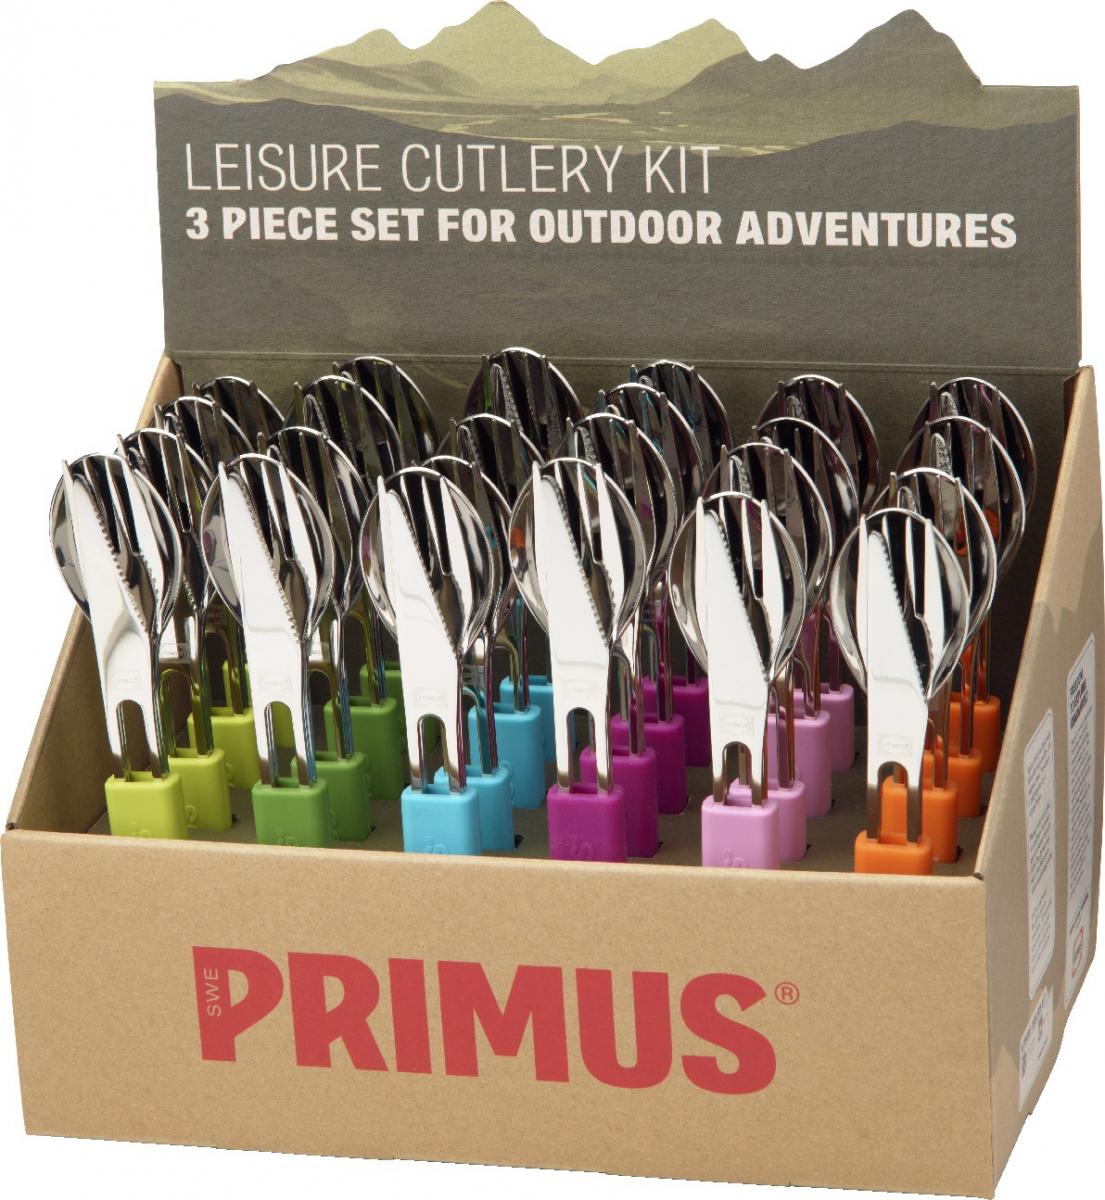 Набор столовых приборов Primus Leisure Cutlery, 72 предмета